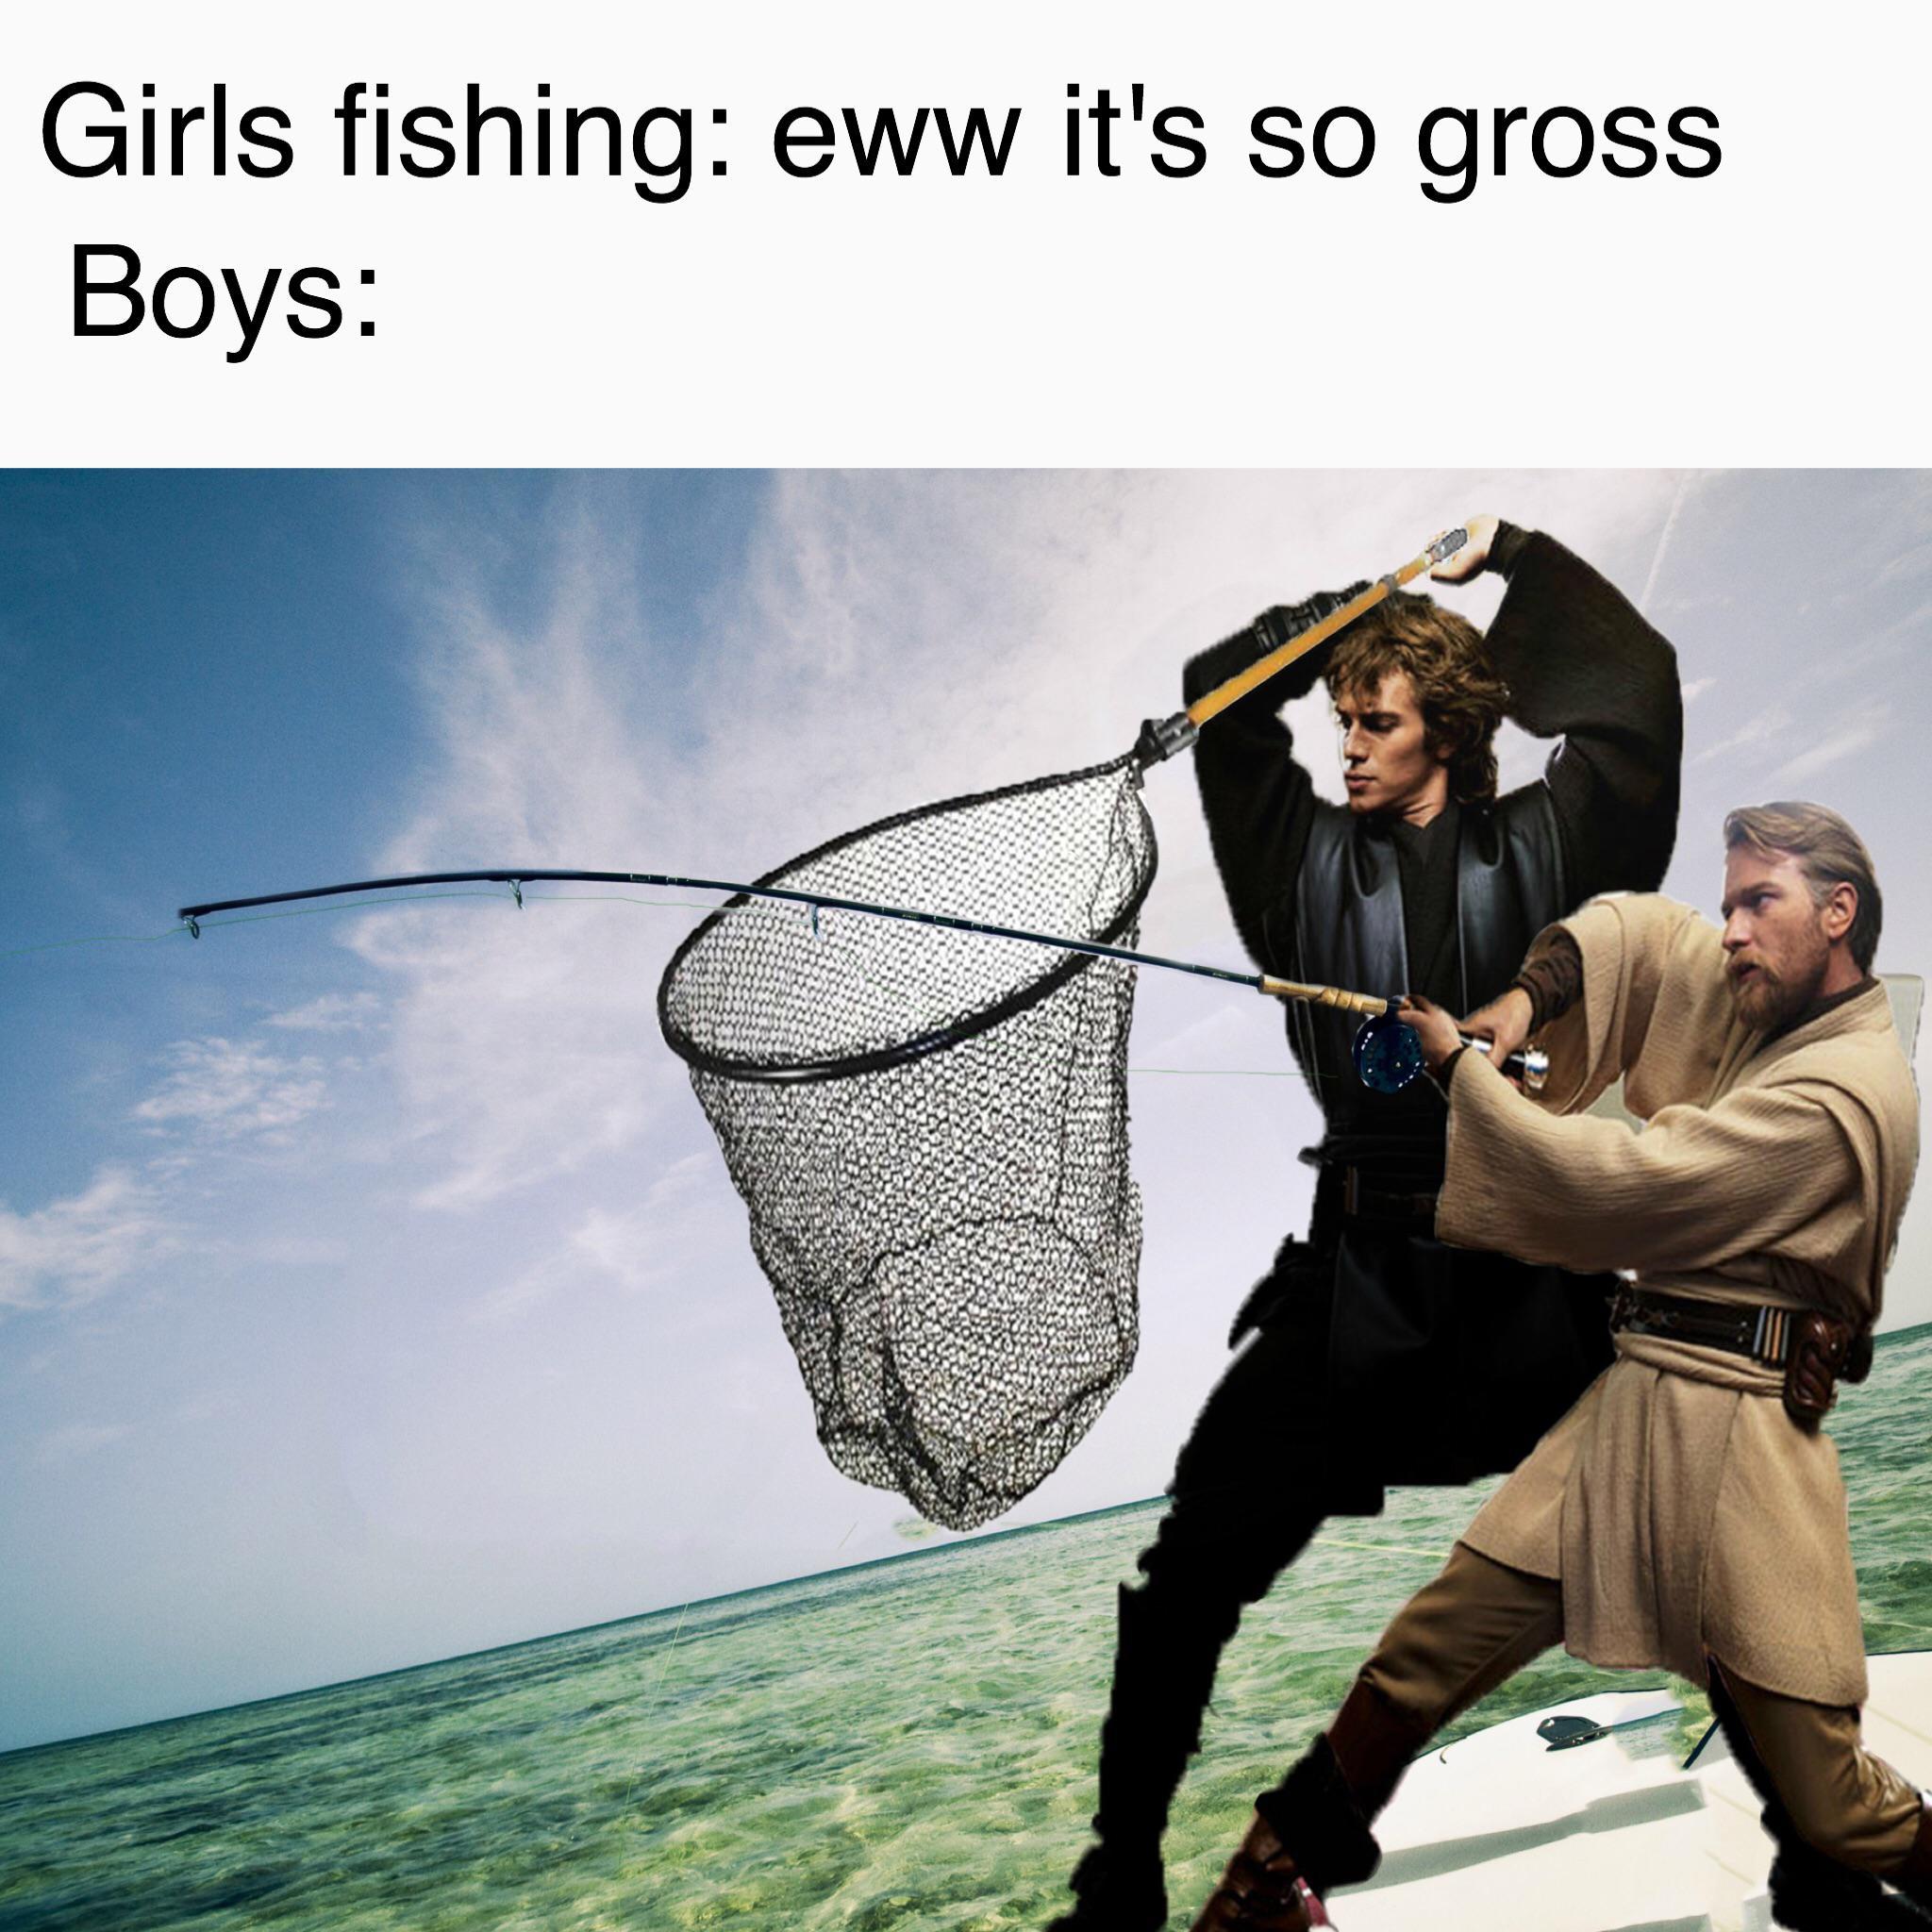 Fish Saber R Prequelmemes Prequel Memes Know Your Meme